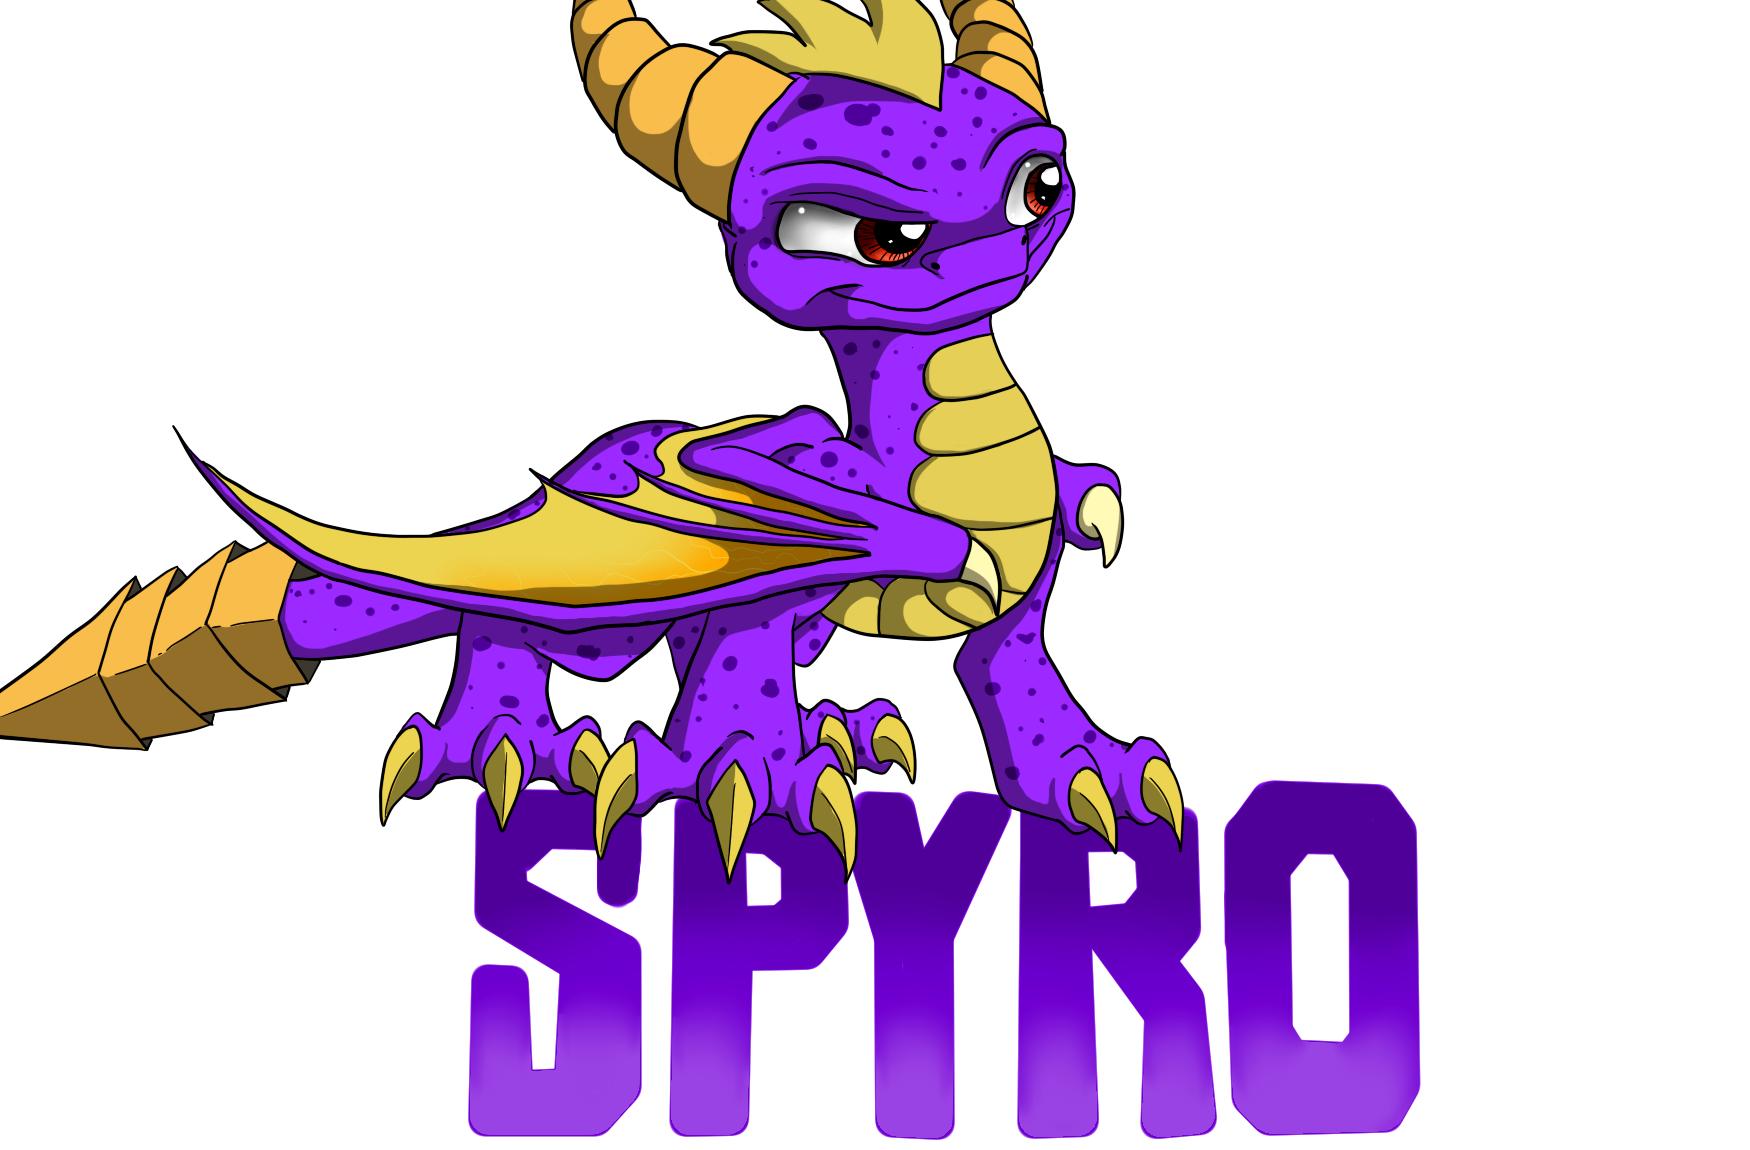 The purple Skylander by IcelectricSpyro